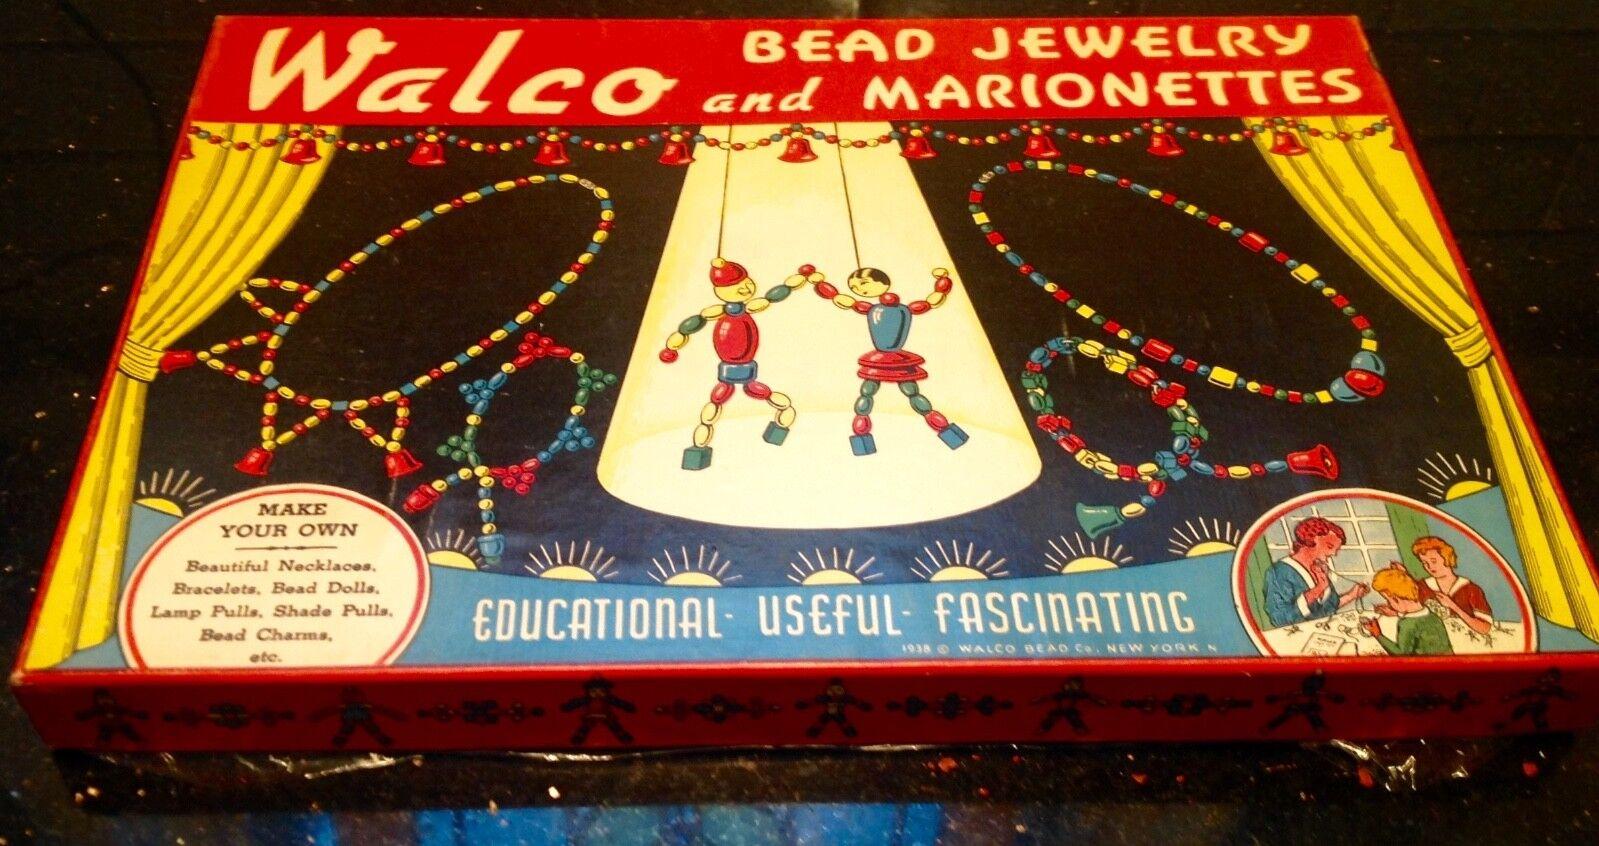 ventas calientes Vintage 1938 Walco grano joyería y marionetas traje no. 1810 1810 1810  ahorra hasta un 80%